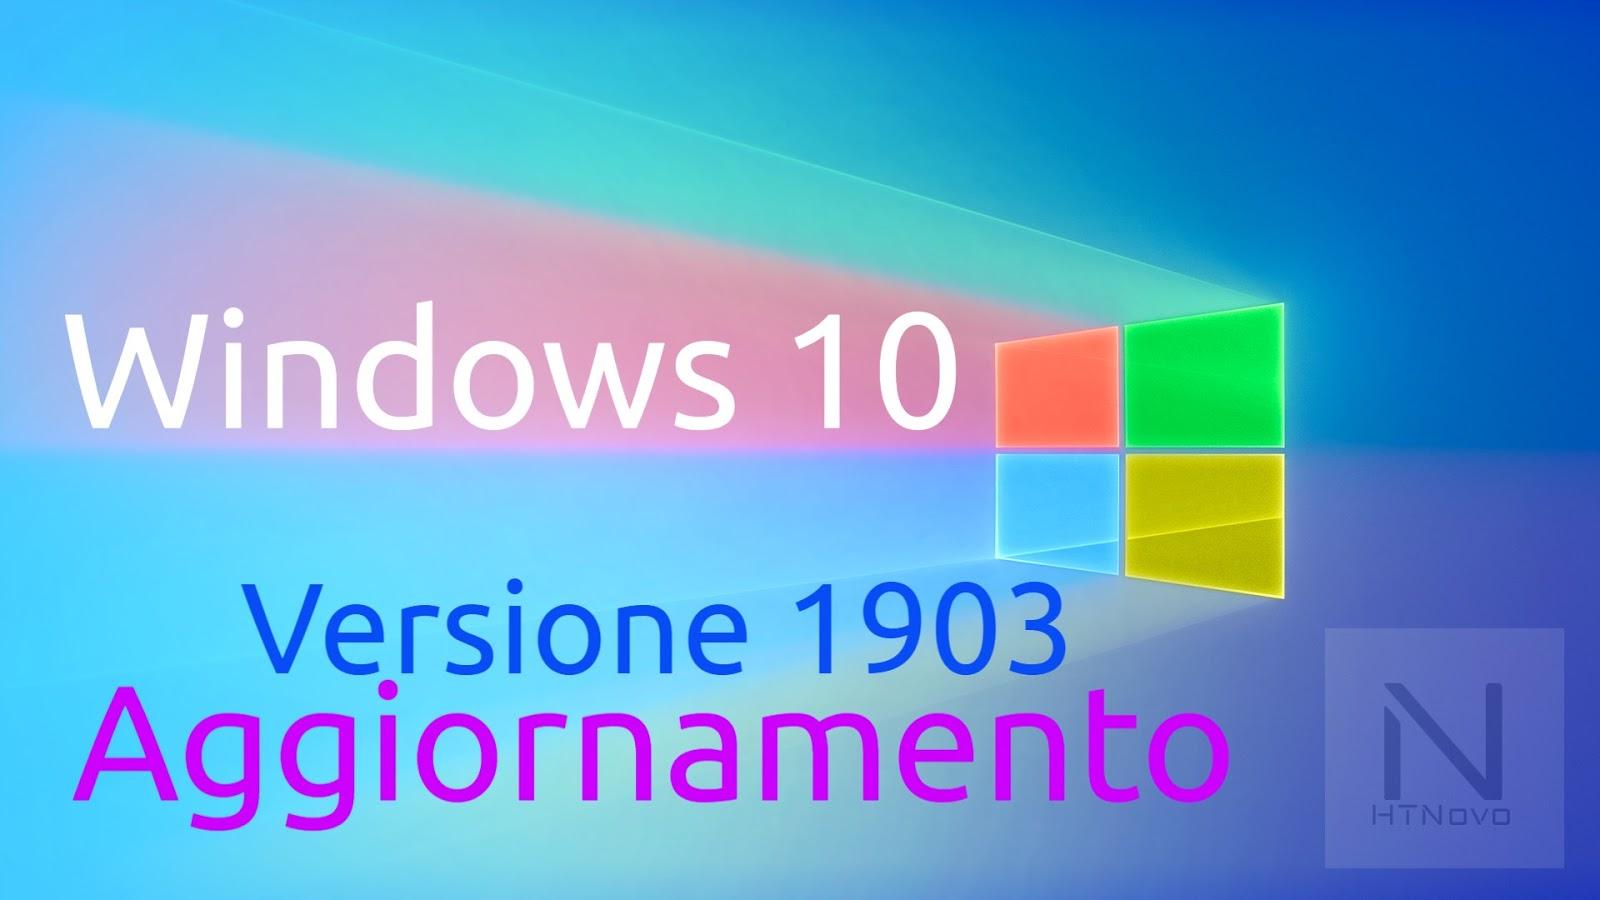 Aggiornamento-windows-10-1903